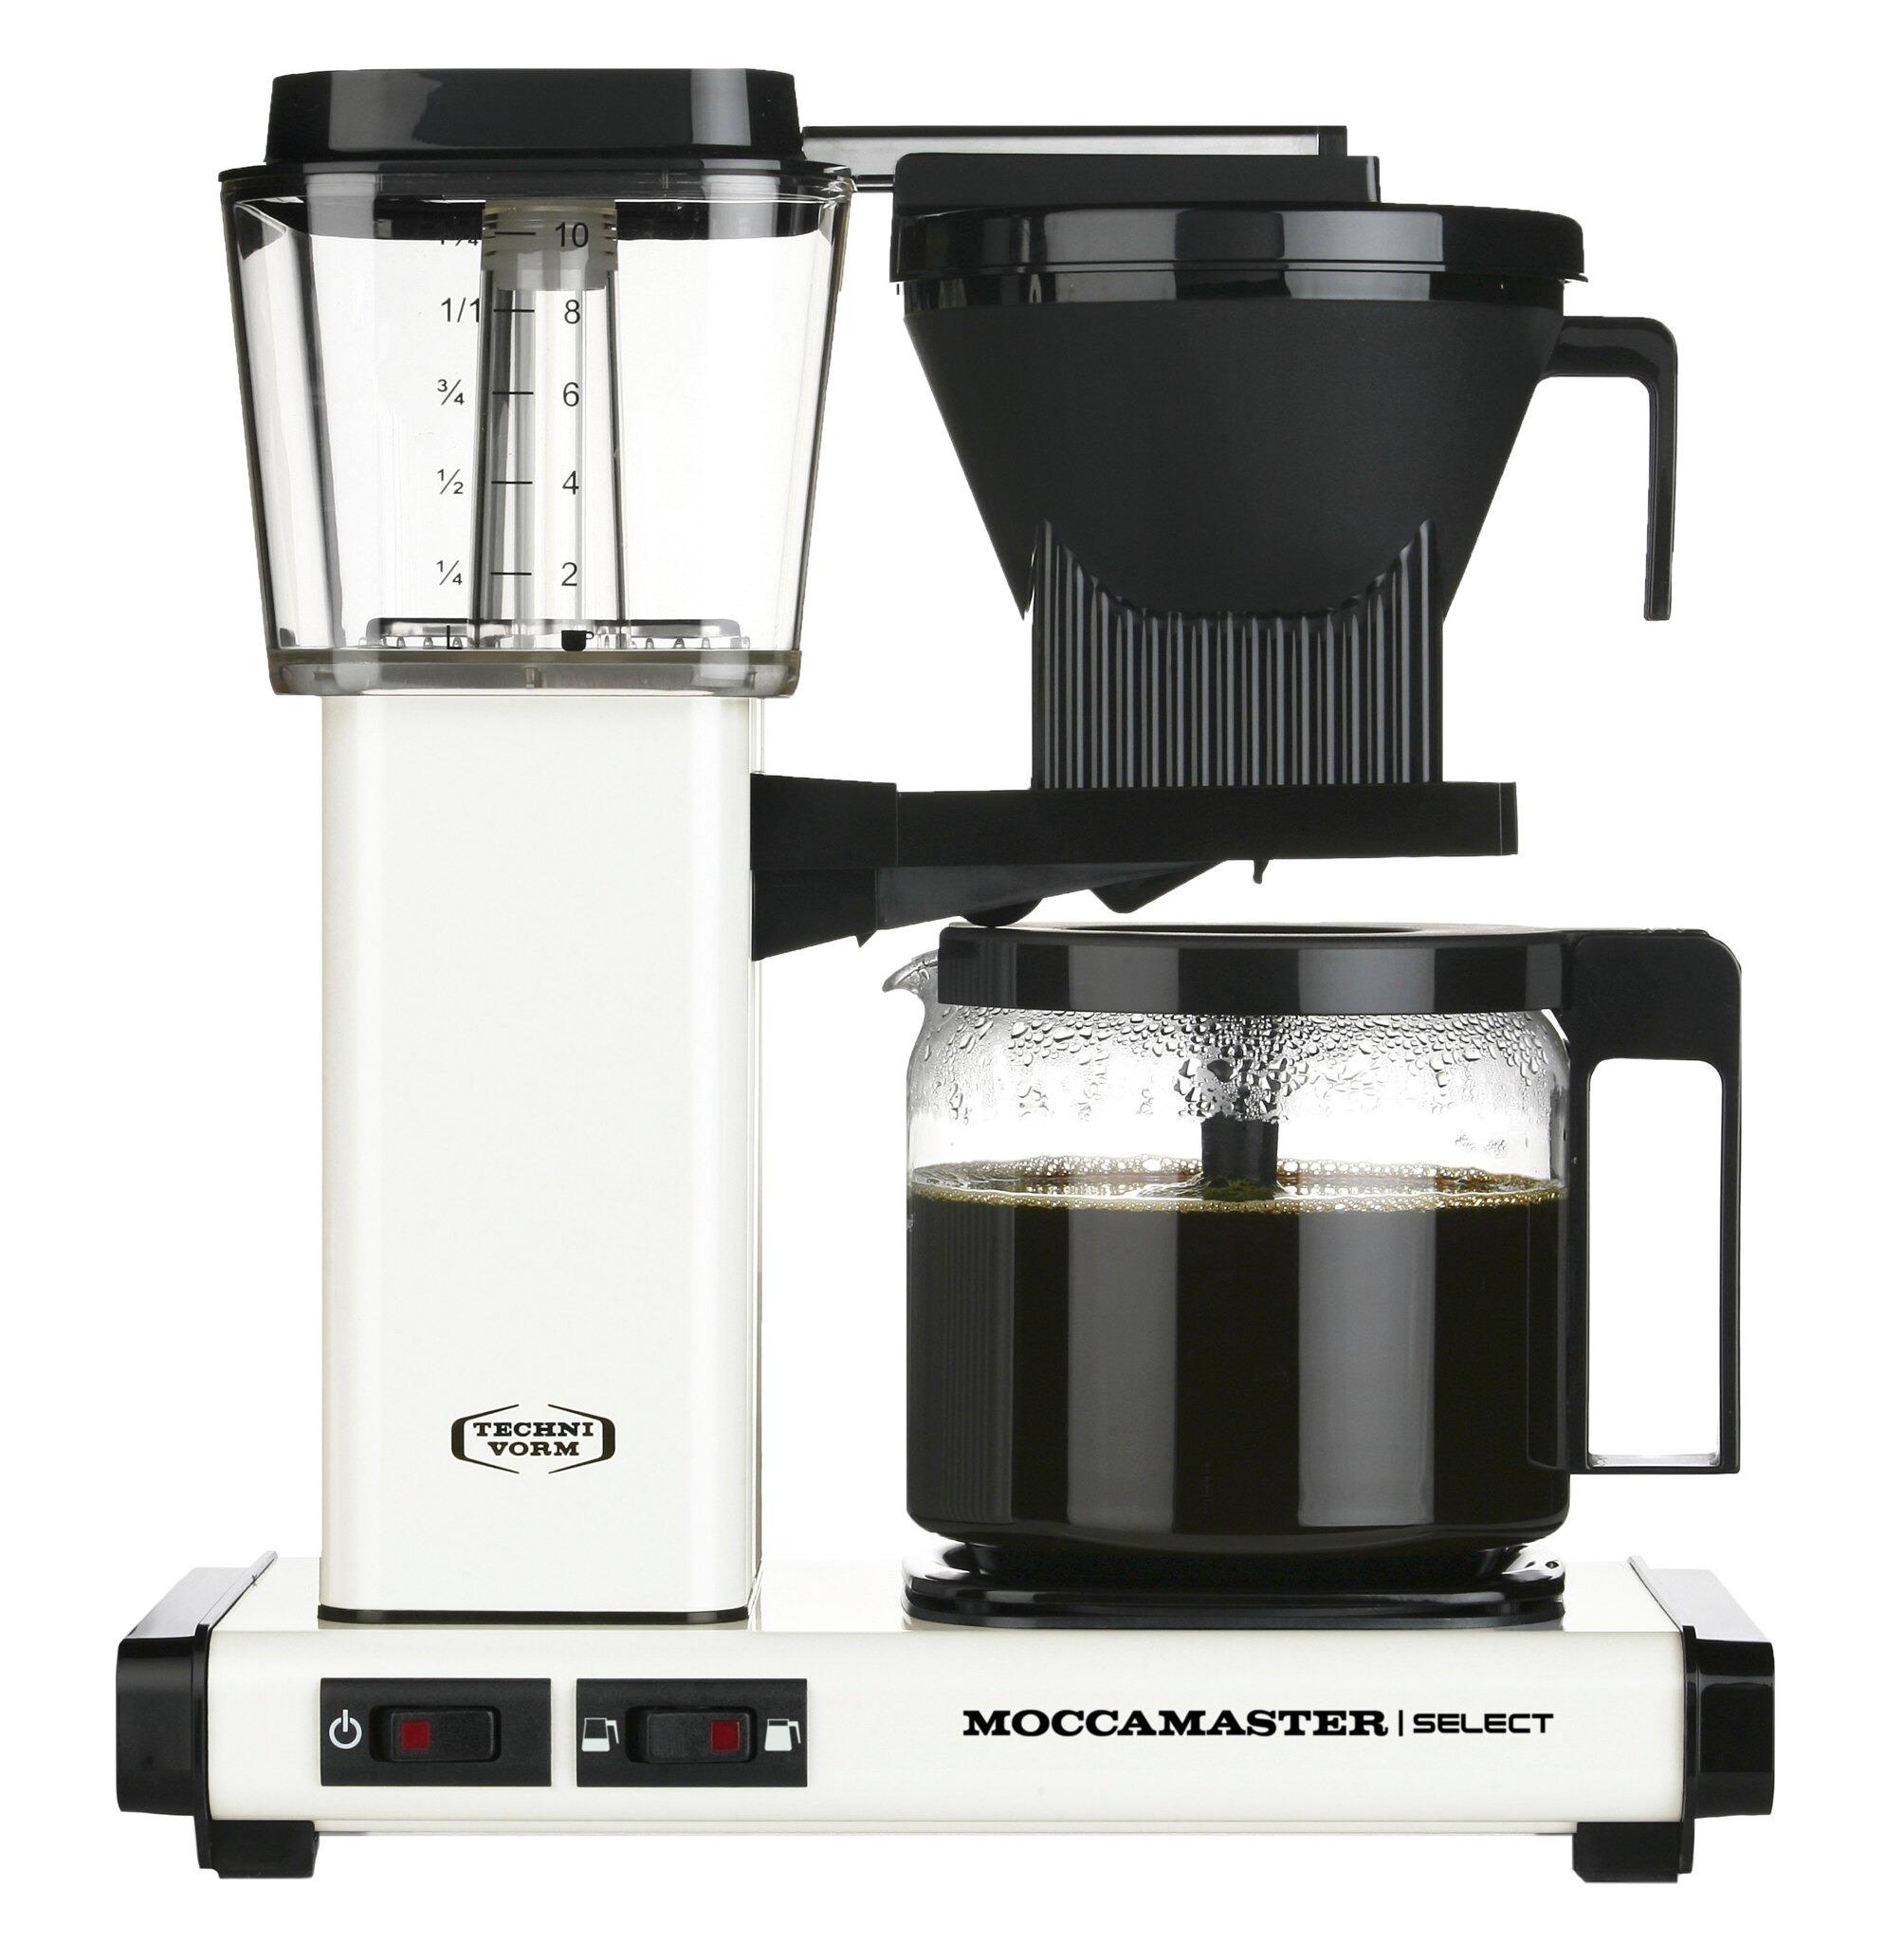 Moccamaster koffiefilter apparaat KBG SELECT creme